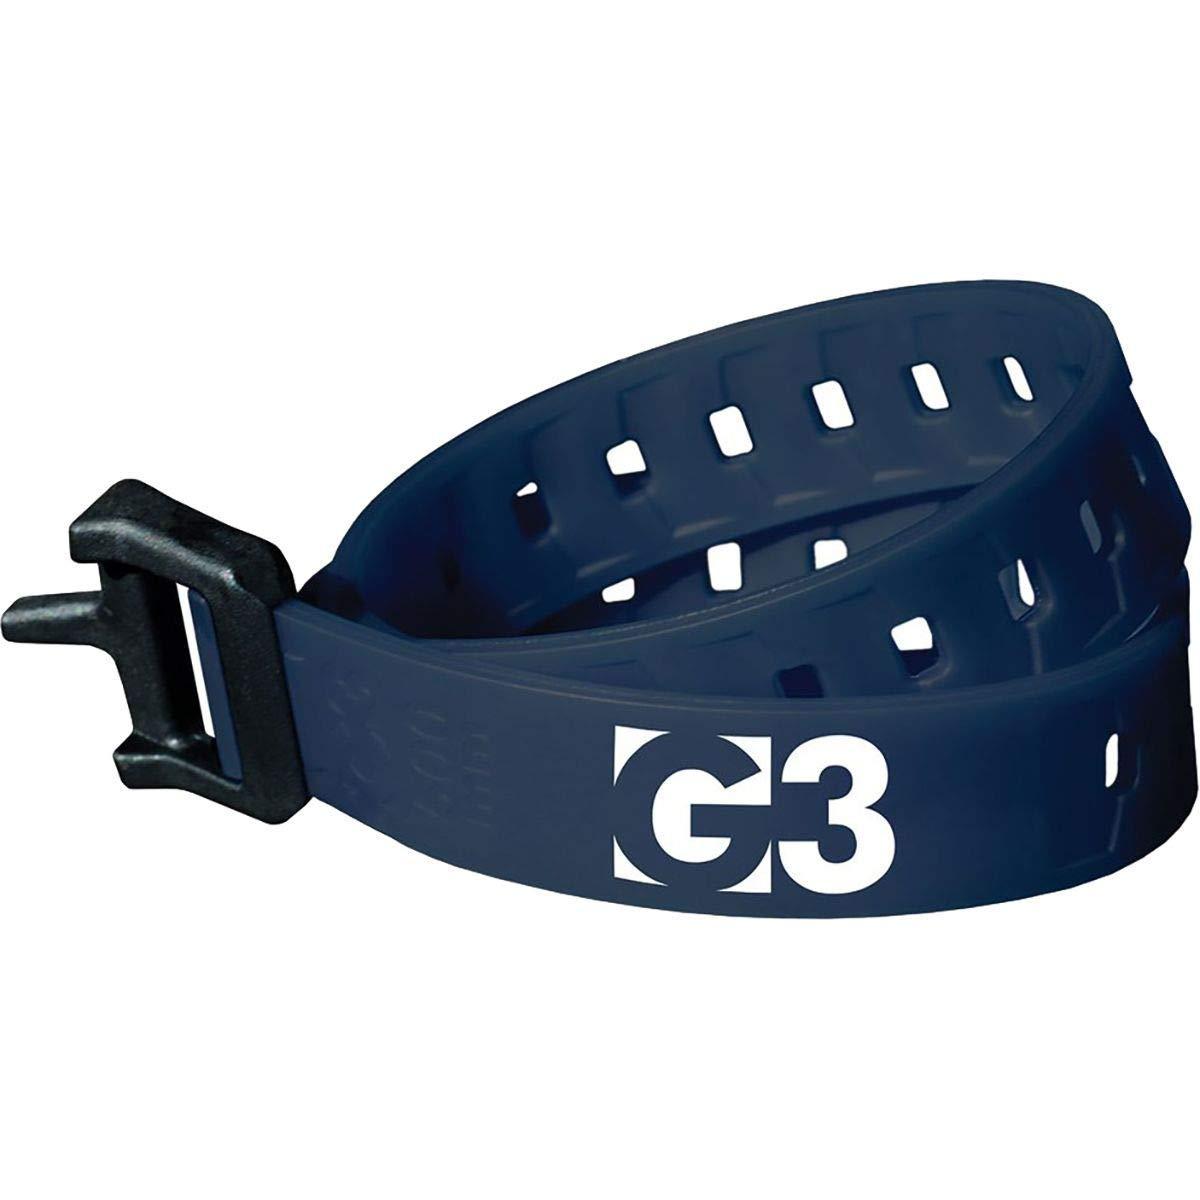 G3.strap.650mm blue.jpg